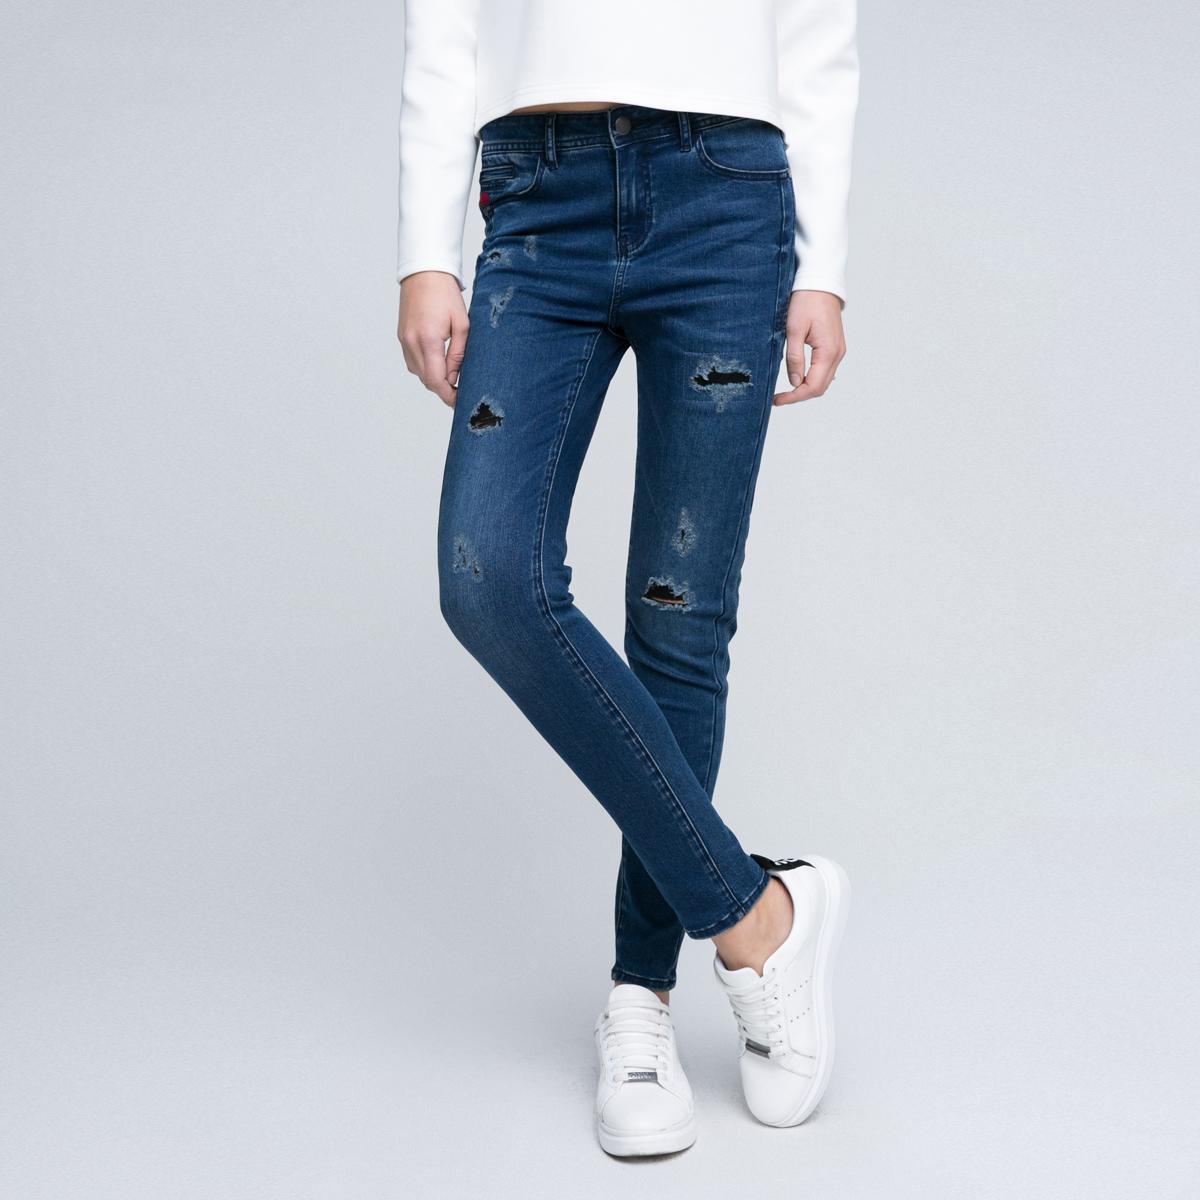 修身破洞牛仔裤 ONLY春季新款显瘦破洞修身牛仔裤女 117132515_推荐淘宝好看的女修身破洞牛仔裤